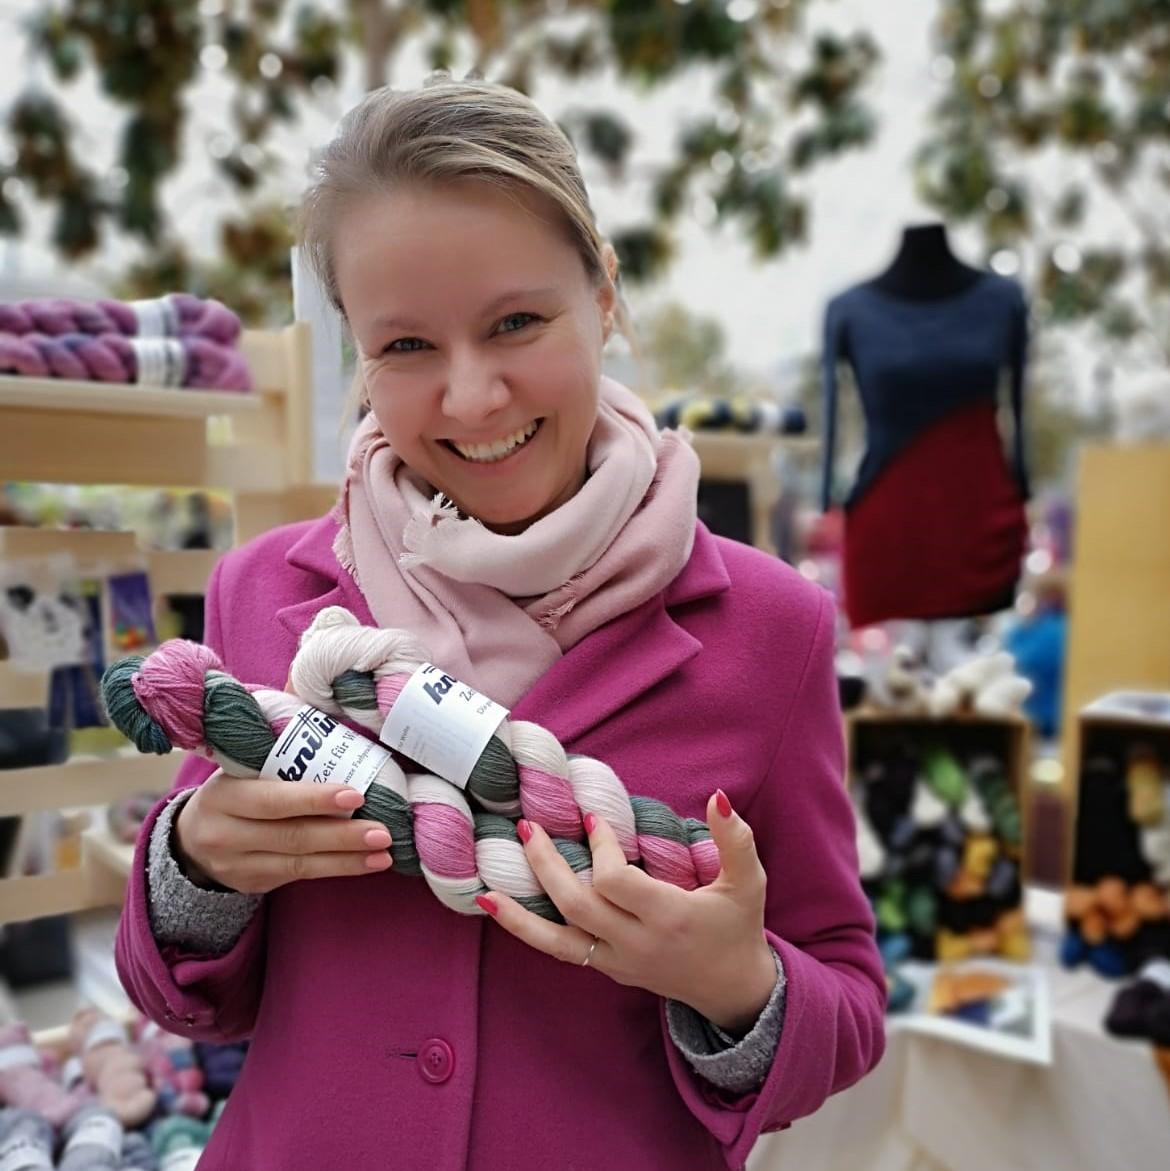 HeaderBild Fünf Ausreden für den Kaufrausch auf einem Wollmarkt